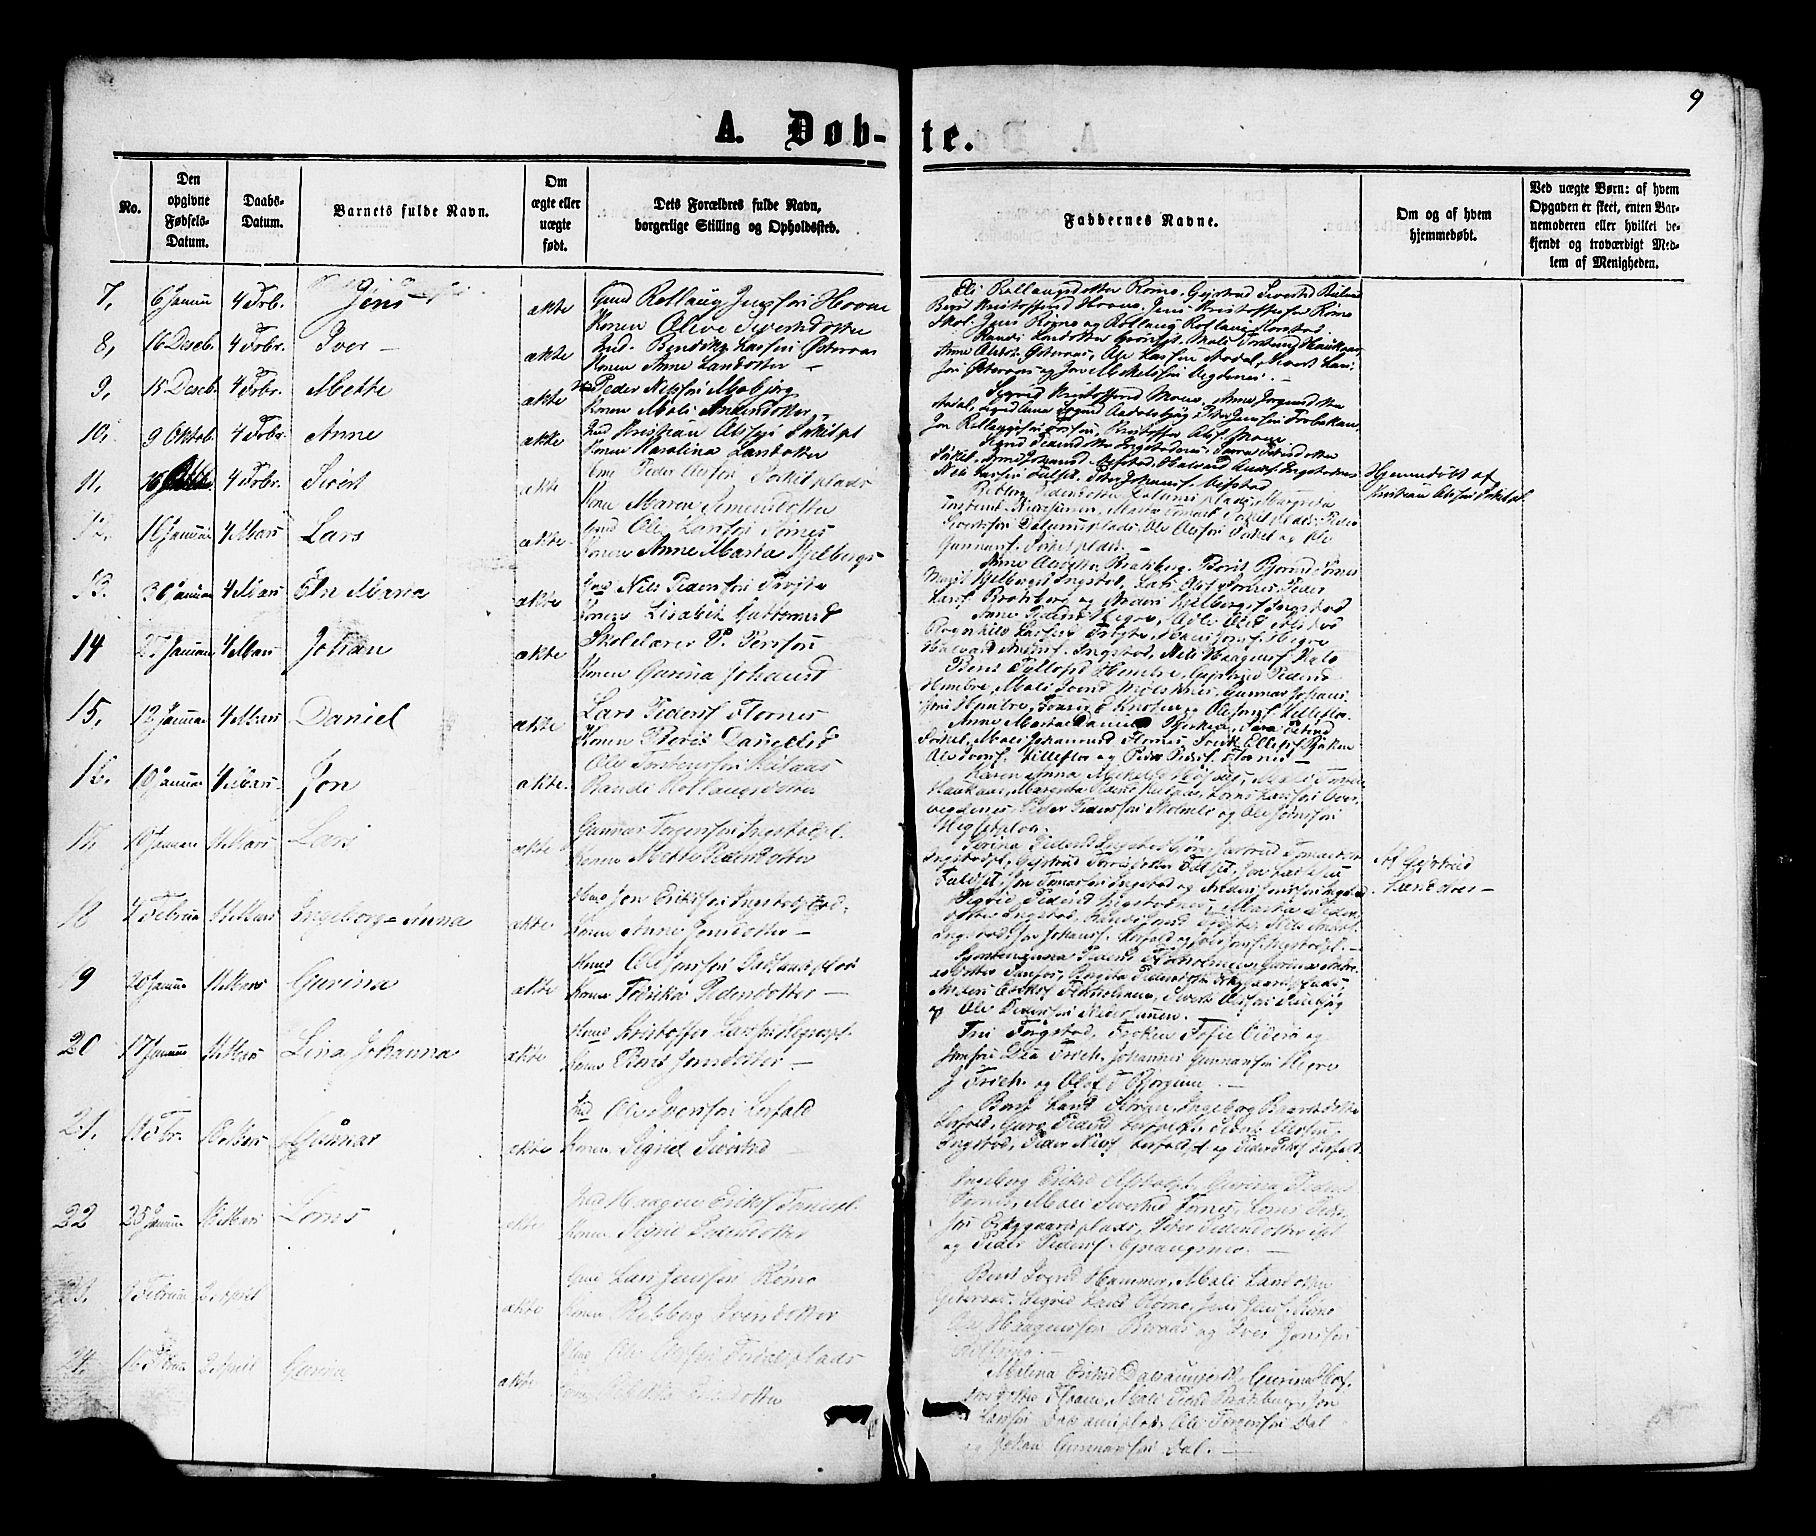 SAT, Ministerialprotokoller, klokkerbøker og fødselsregistre - Nord-Trøndelag, 703/L0038: Klokkerbok nr. 703C01, 1864-1870, s. 9